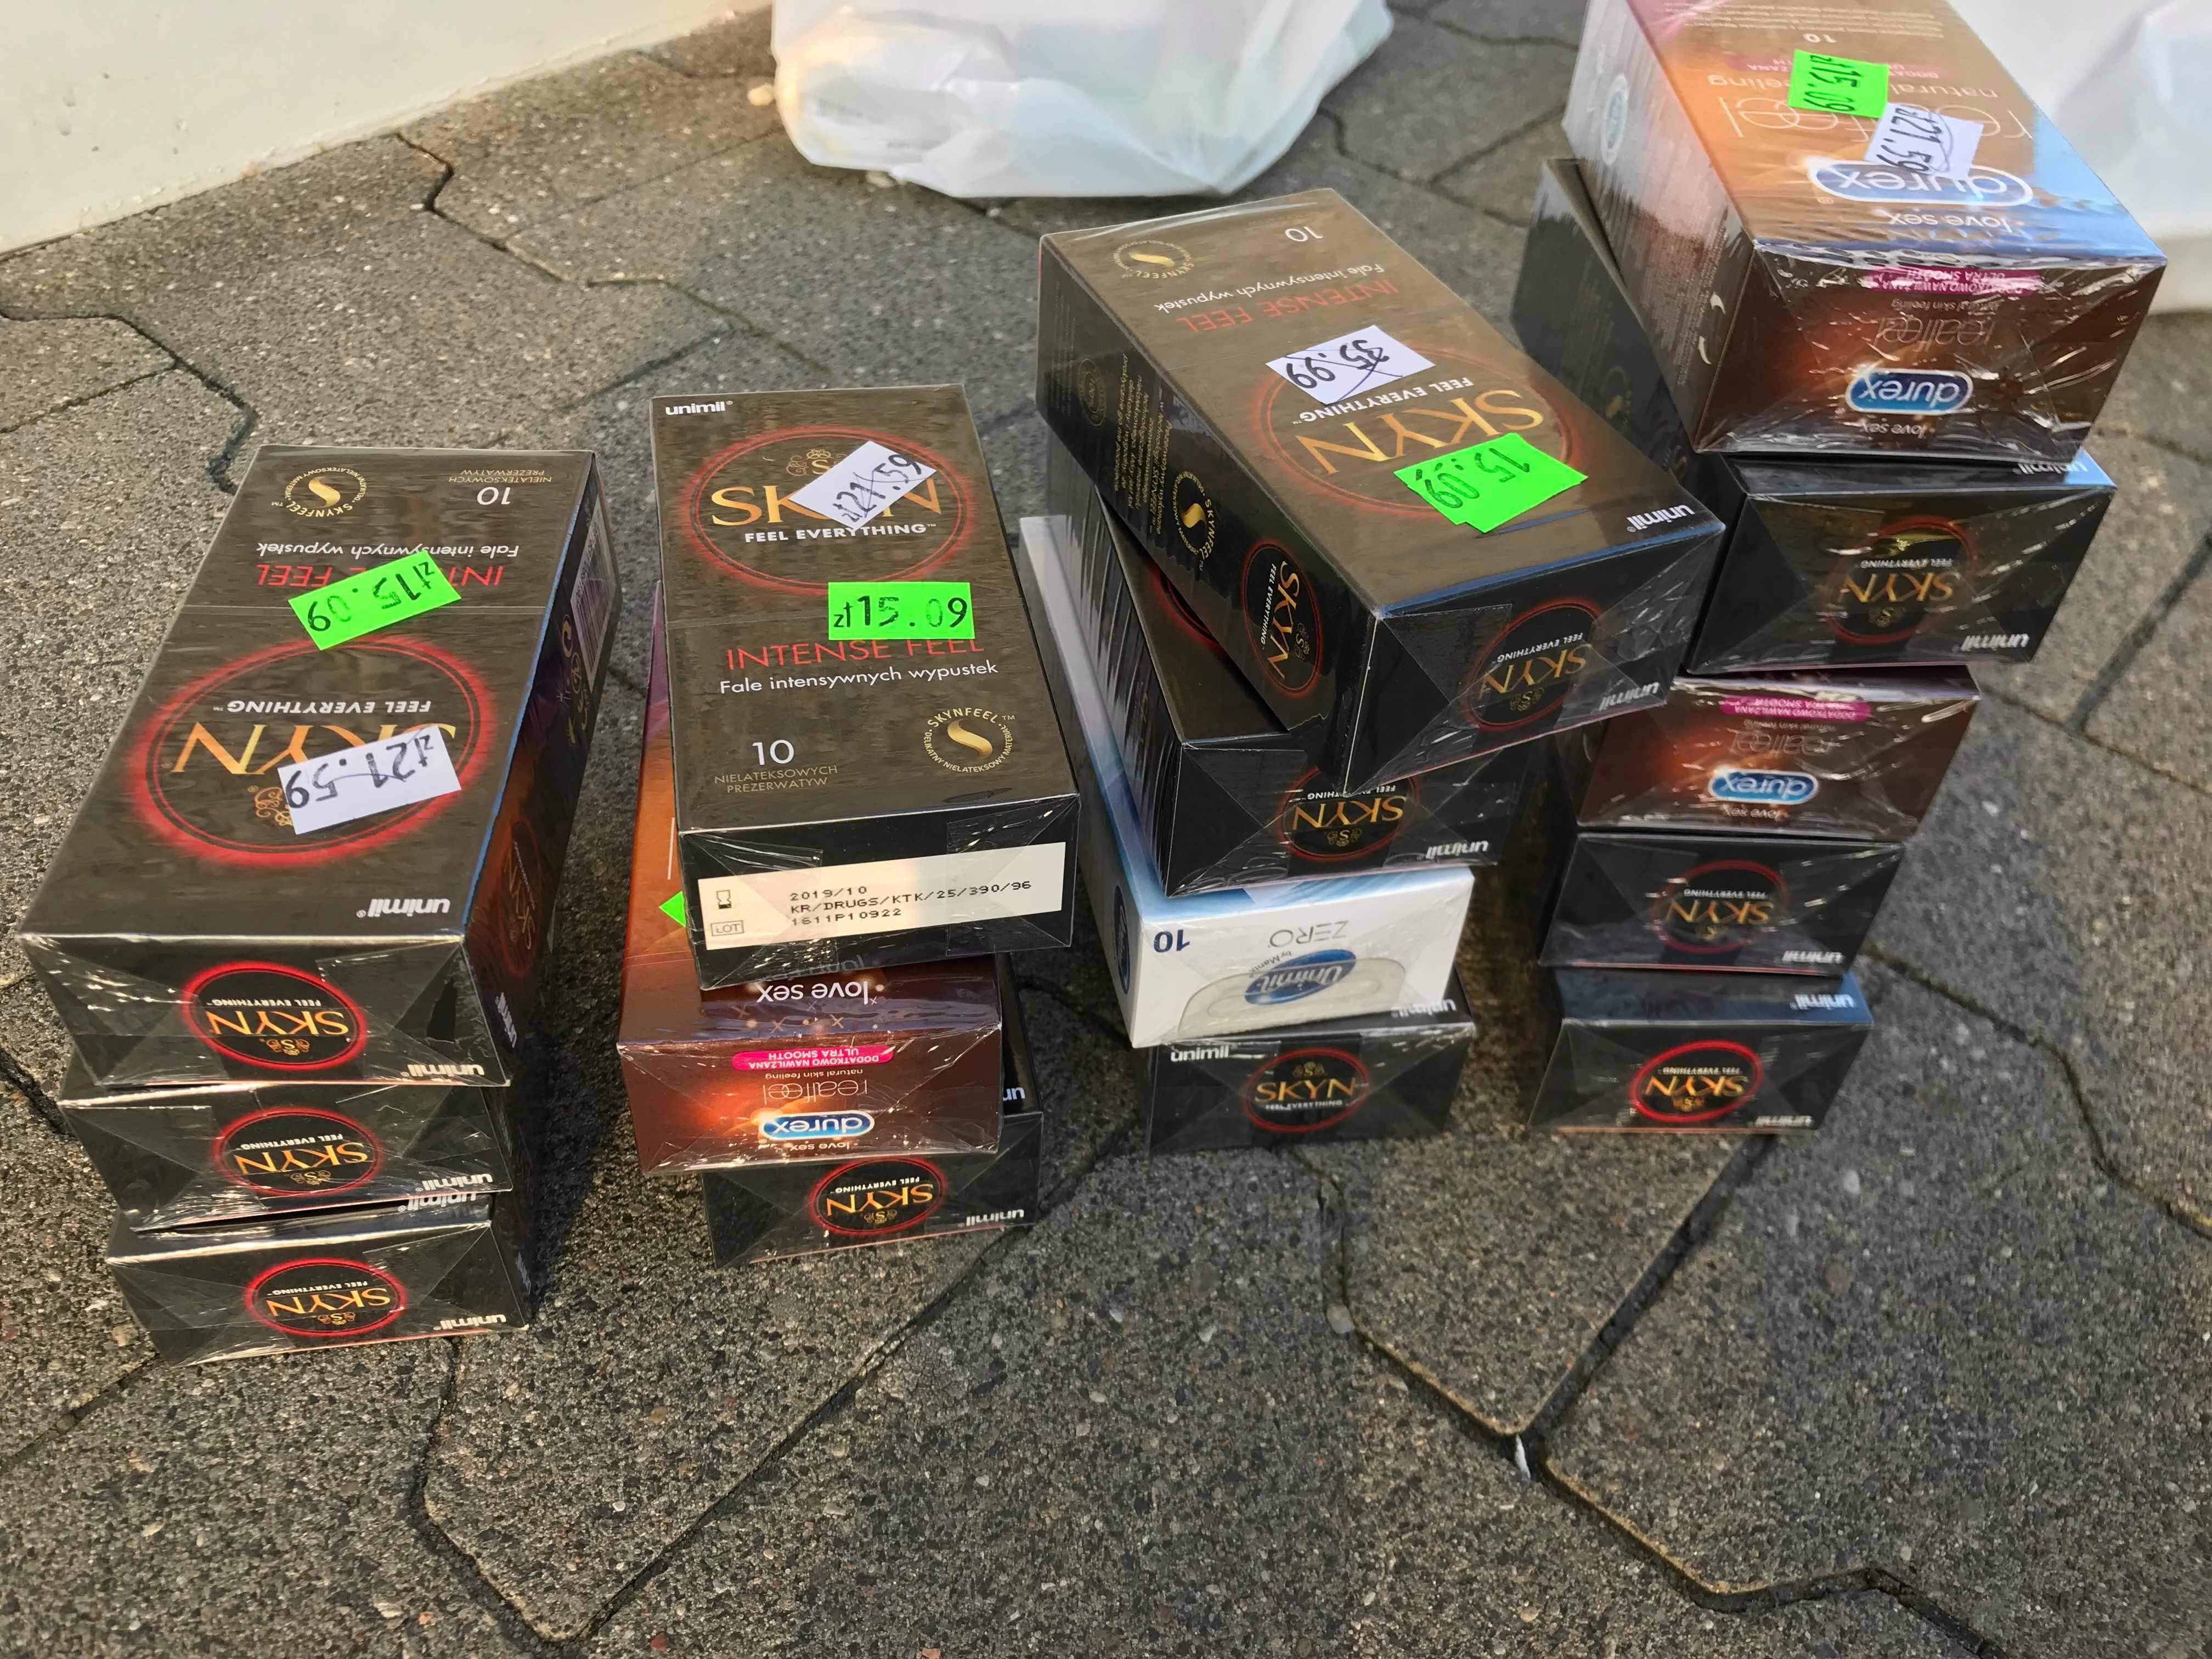 Prezerwatywy Durex, Unimil 10 sztuk za 1 grosz ROSSMAN Białogard